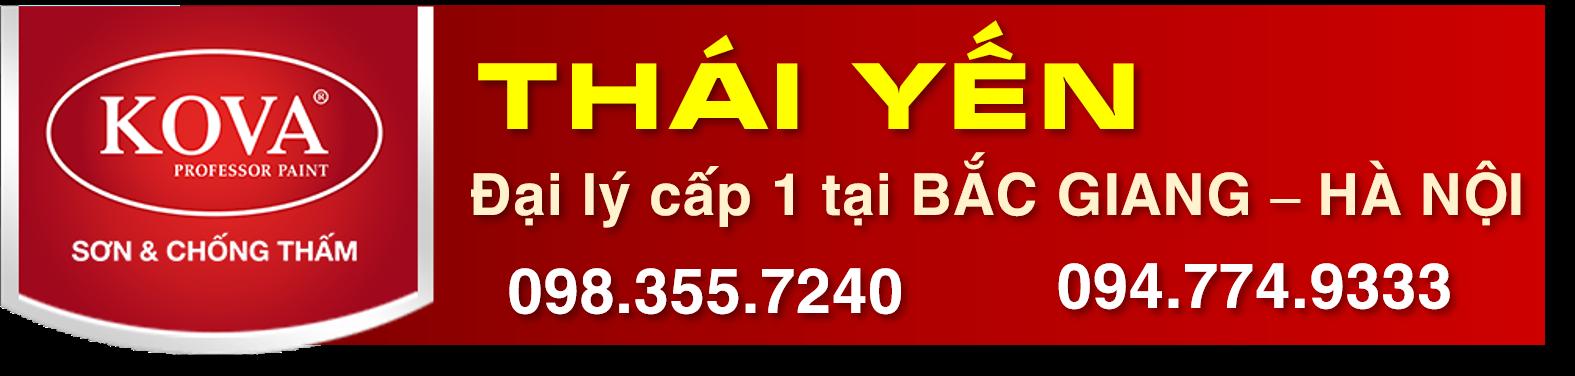 Kova Thai Yen